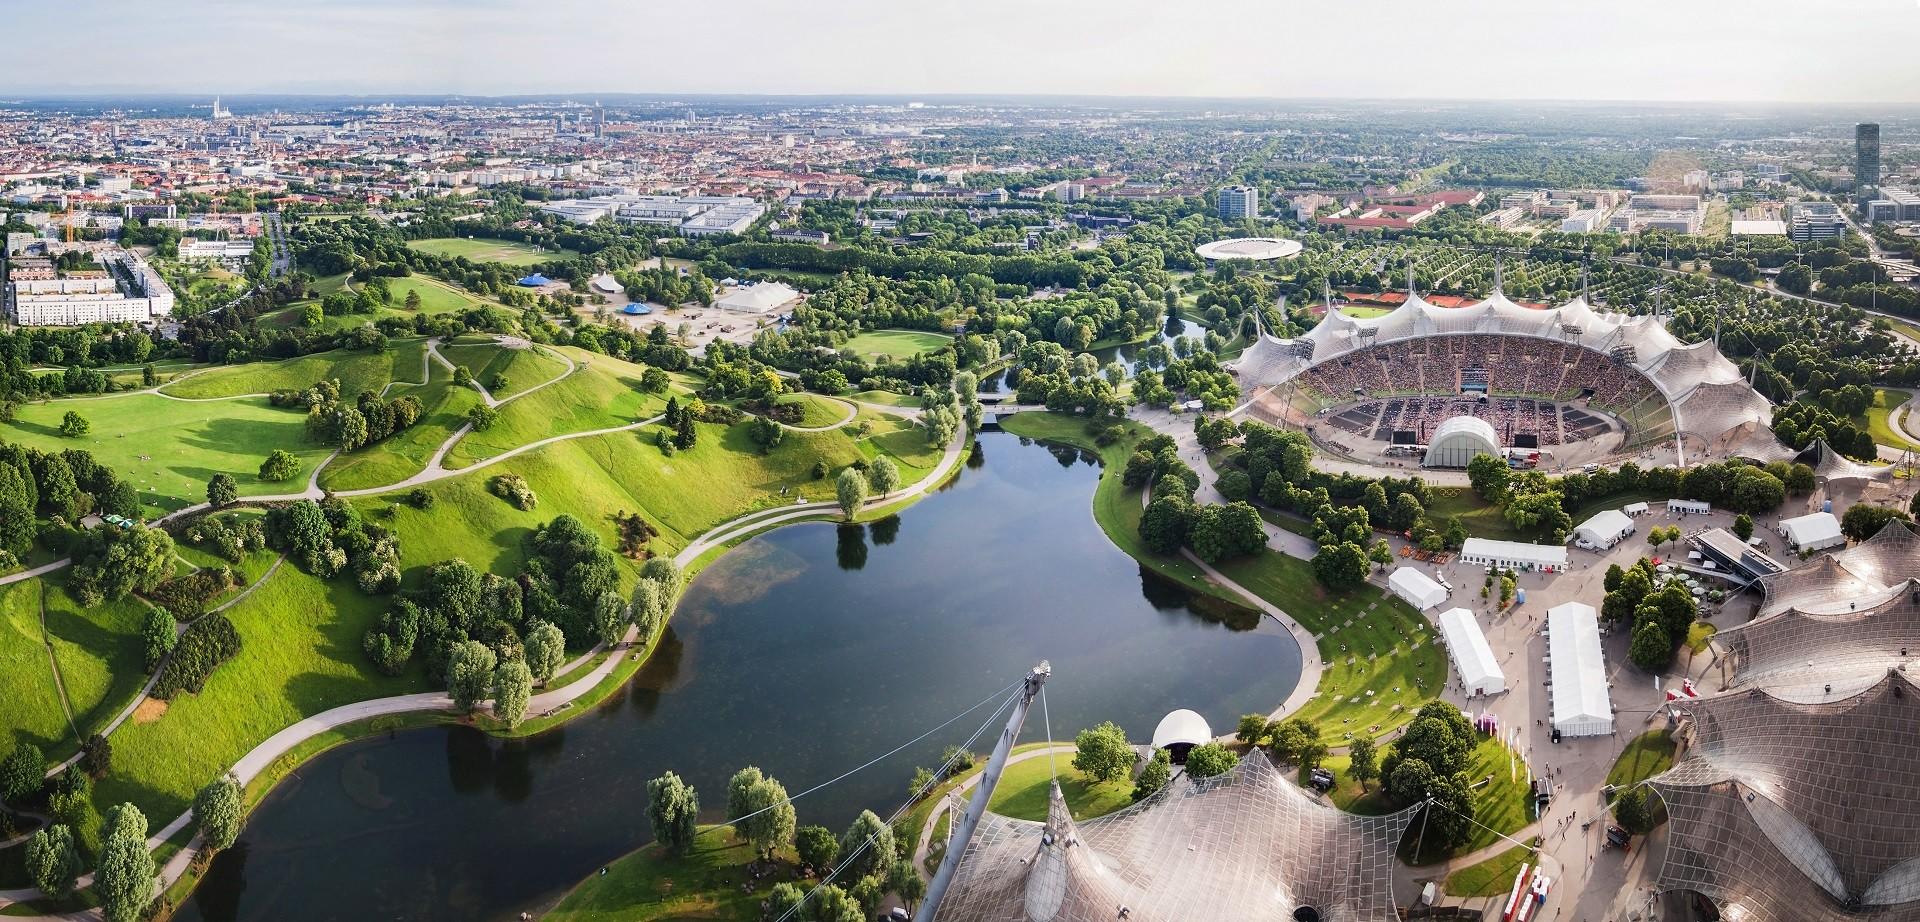 Experiência em Munique, Alemanha, por Maja